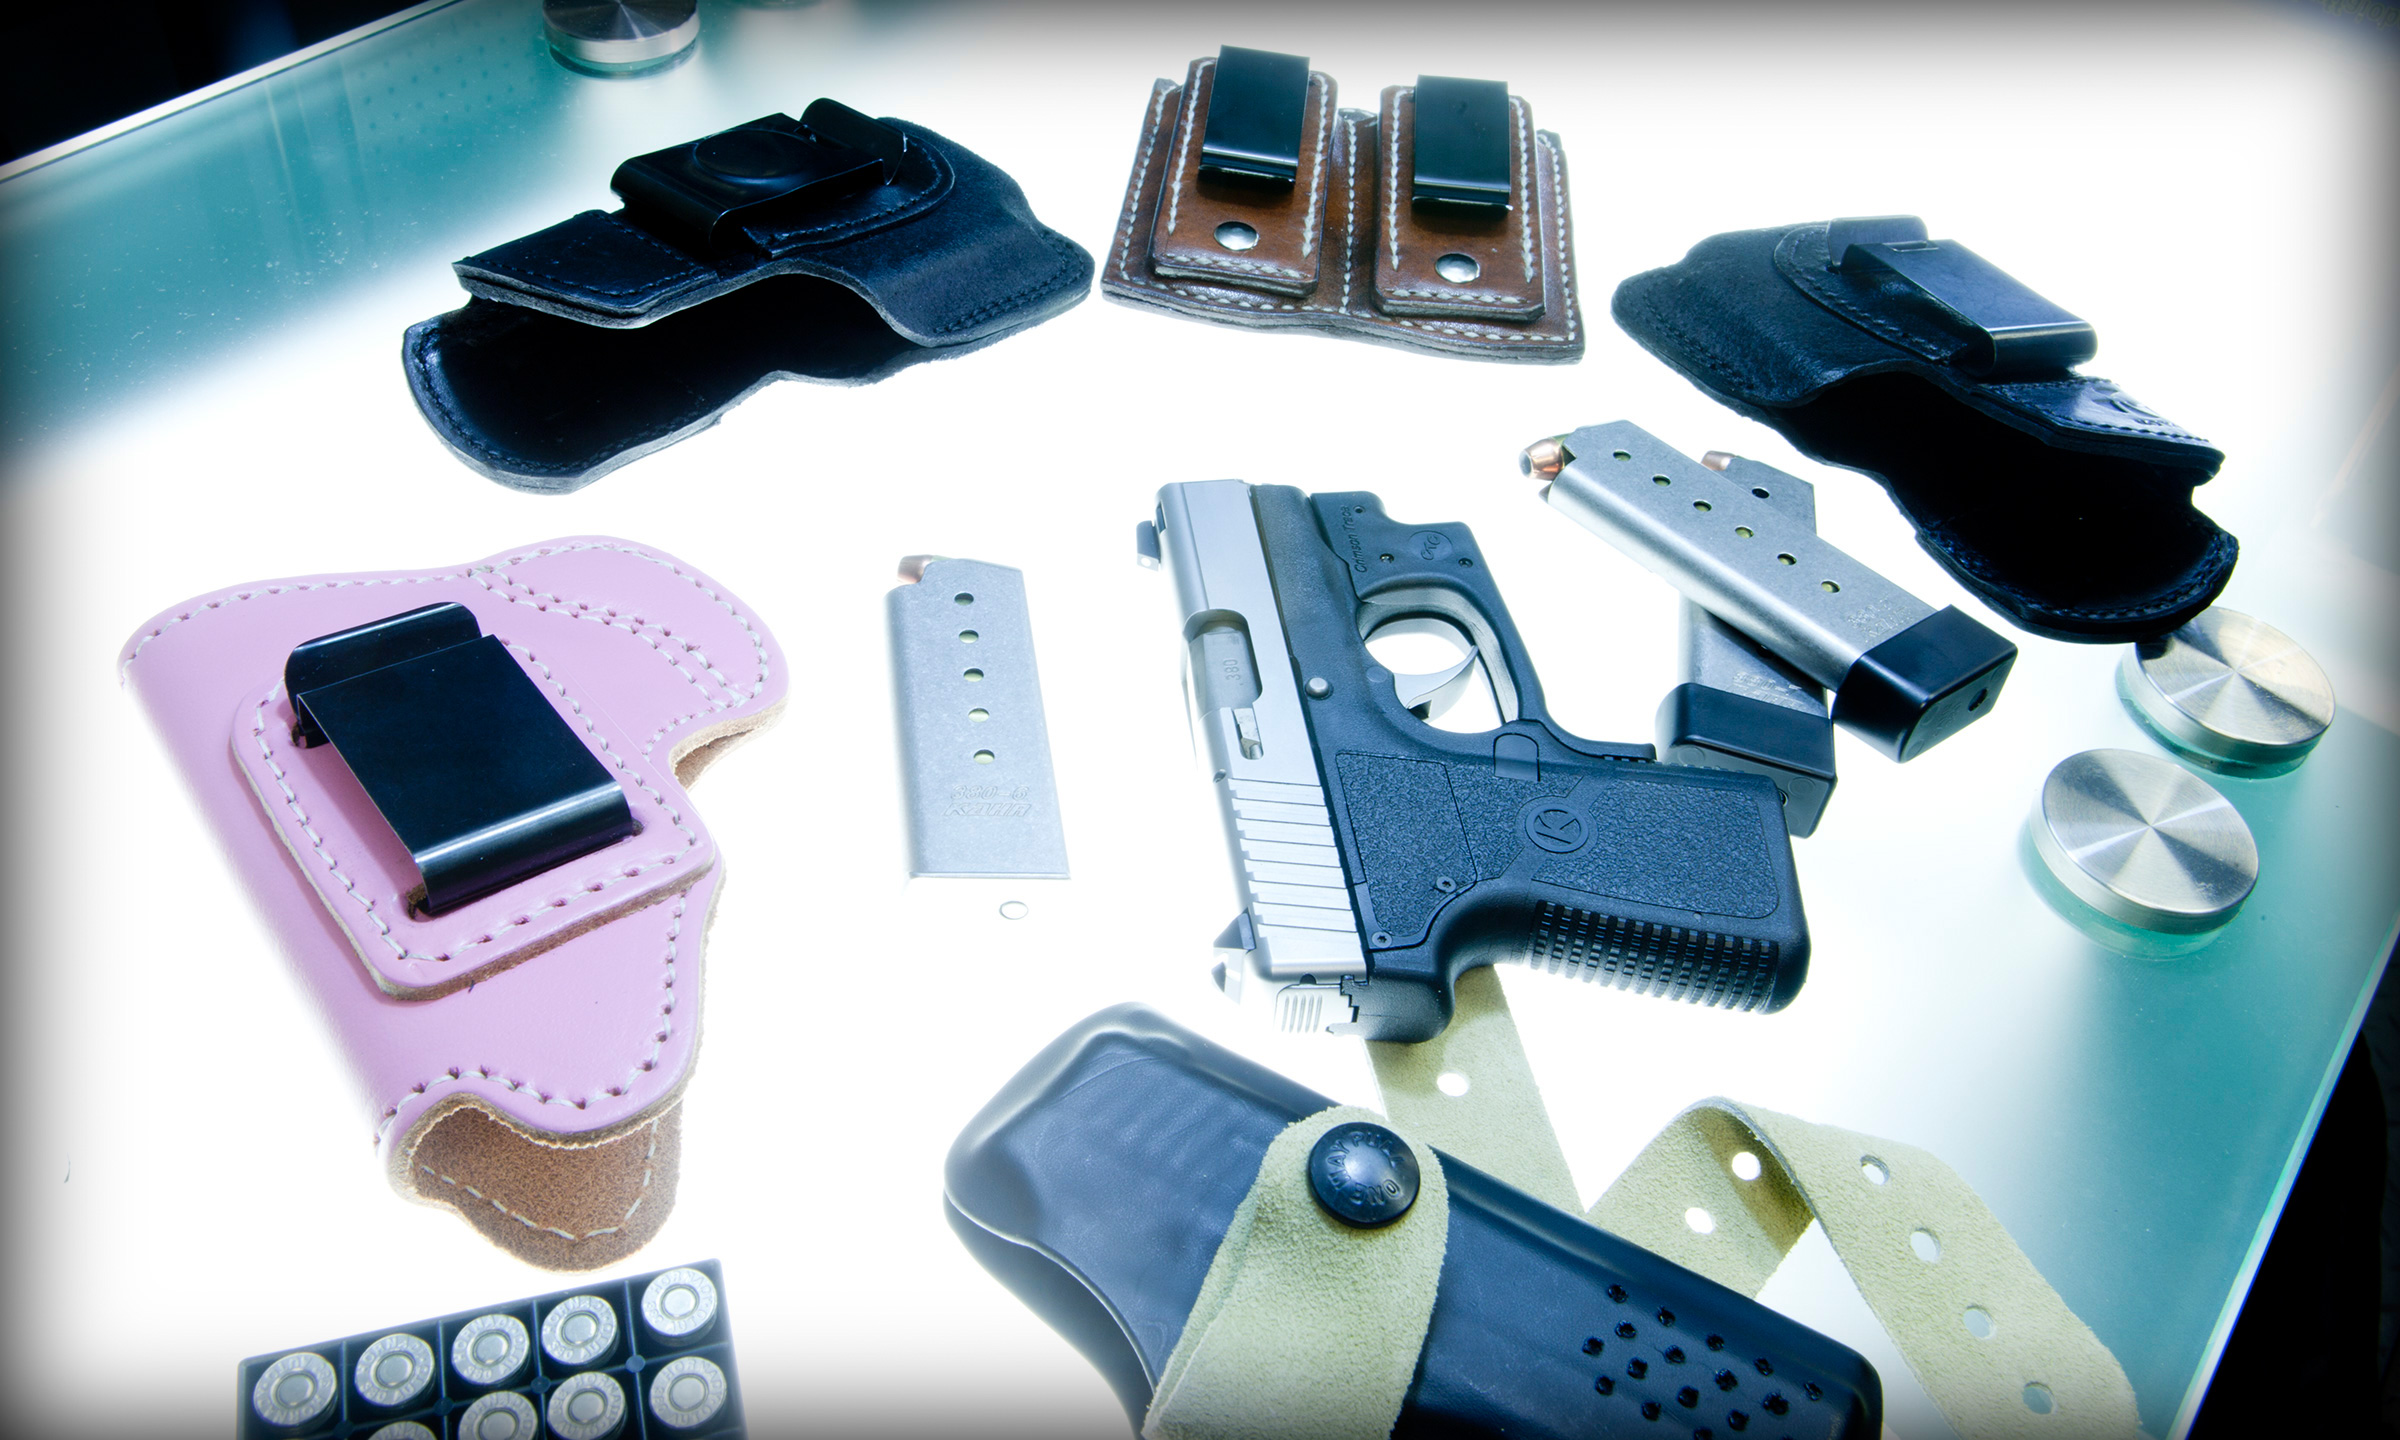 Kahr P380 accessories